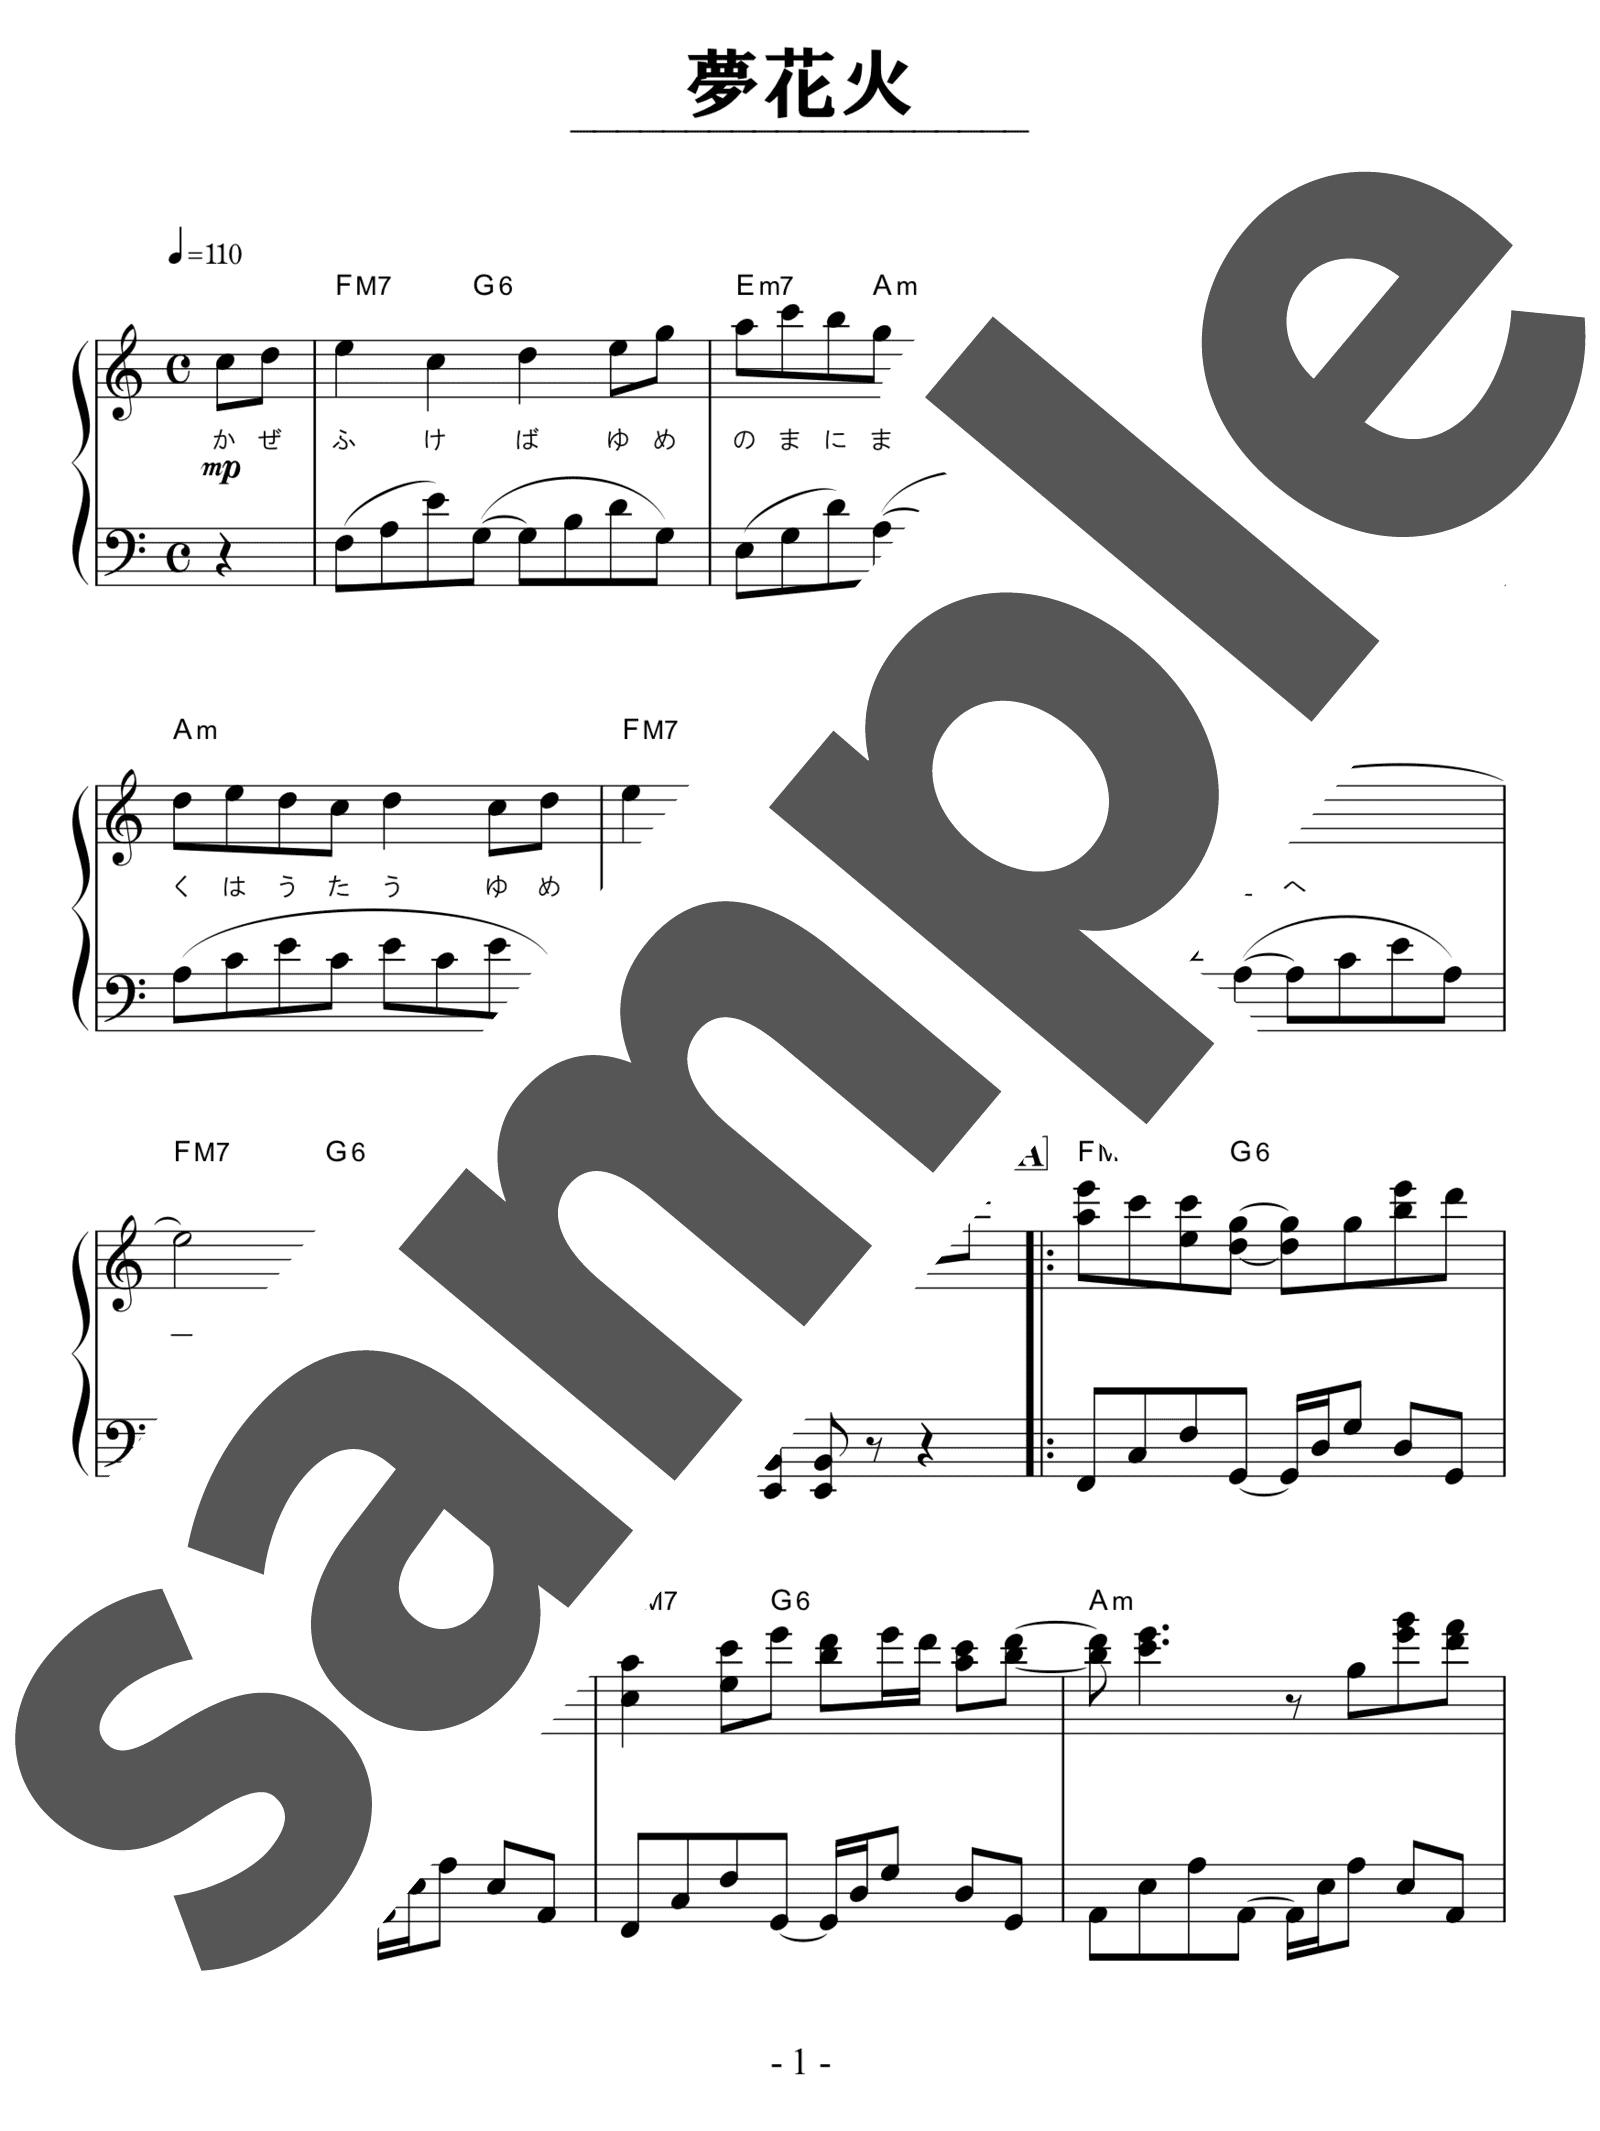 「夢花火」のサンプル楽譜